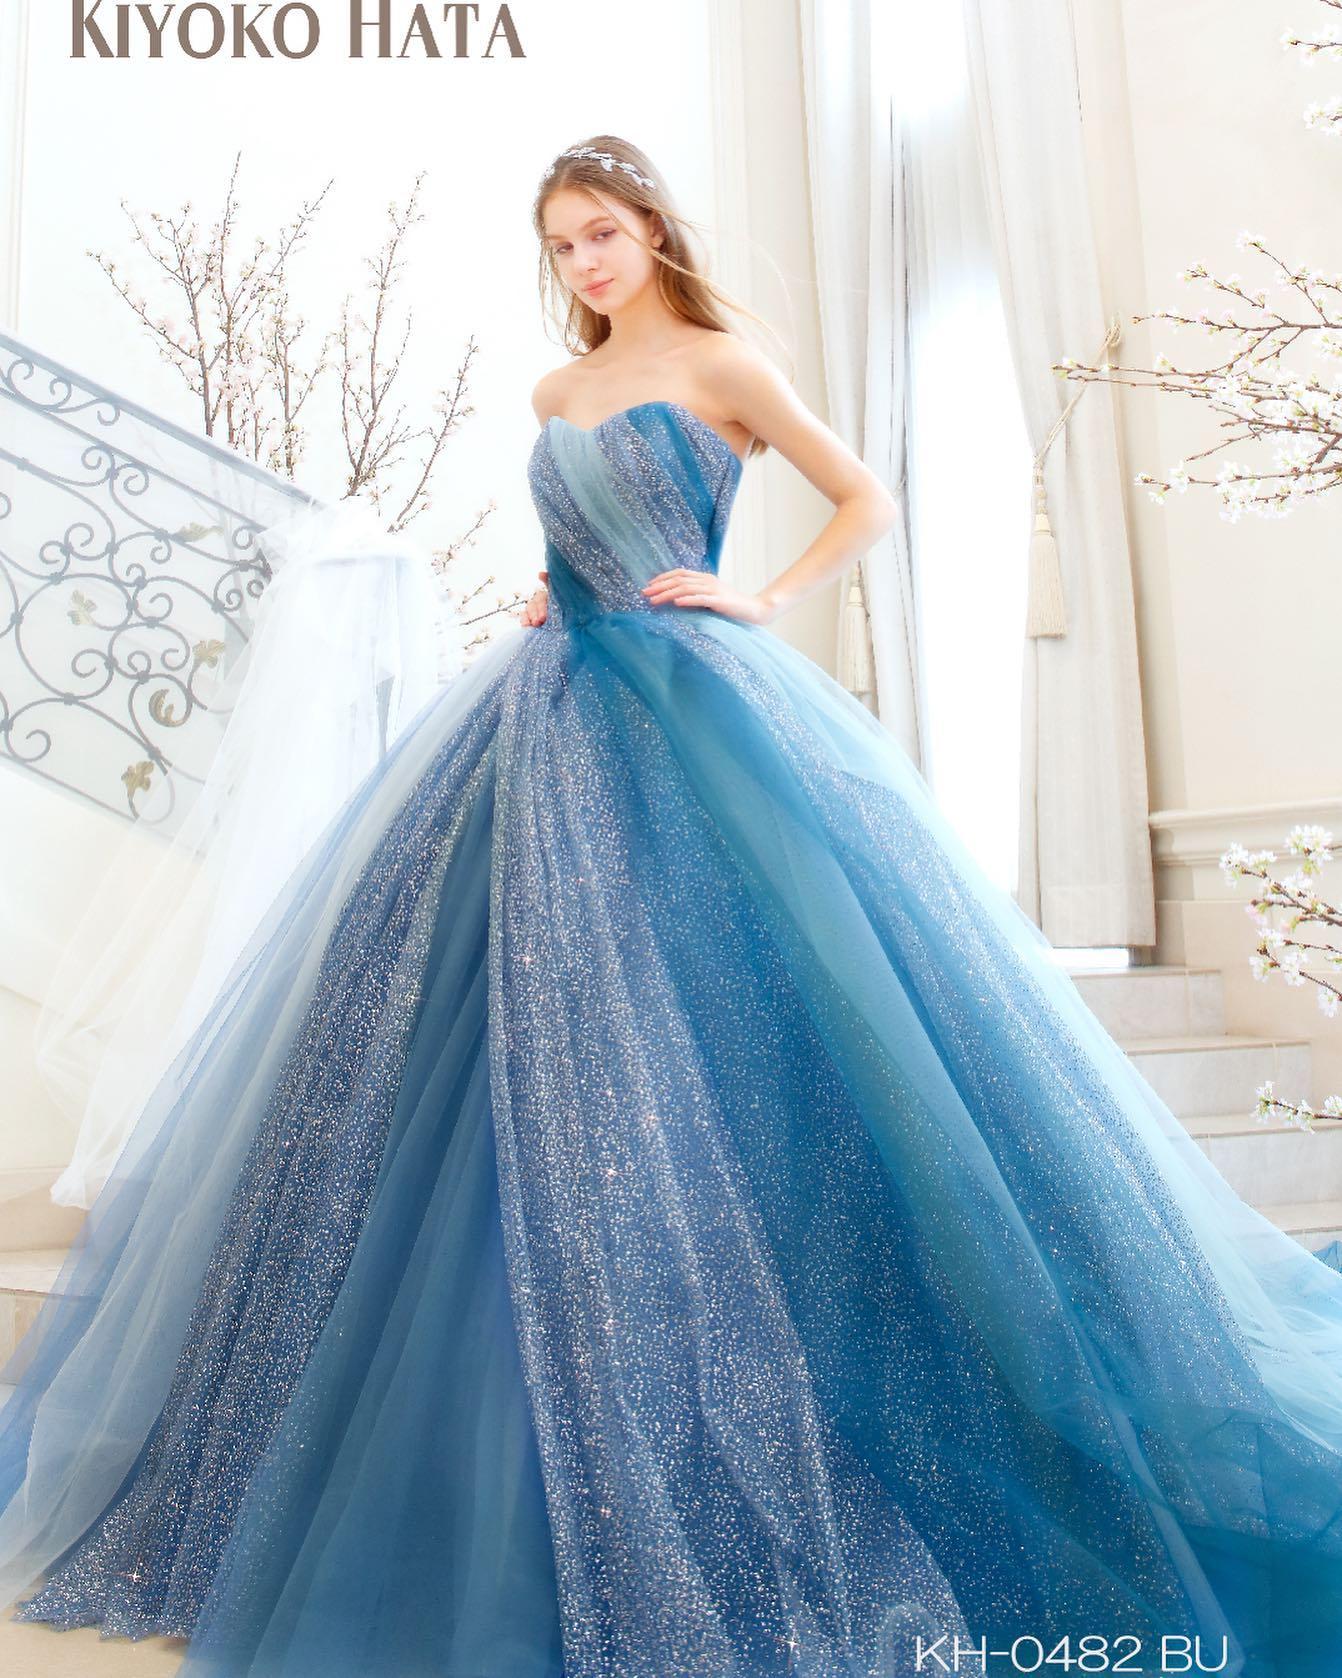 入荷予定ドレスのお知らせ🕊・大人気の#キヨコハタ の入荷予定ドレスです・左胸から右スカート裾へとアシメトリーに流れる螺旋のシルエットが抜群にウエストの細見せ、足長見せのスタイルアップ効果ドレス・多色のチュールをグラデーションに使用し、照明によりどの角度から見てもさまざまな表情を見せてくれるドレスです・先日ご紹介させていただいたラベンダーのお色違いとなります・入荷前の為、試着予約に関しては事前にお問い合わせ下さいKH-0482 ブルー・#wedding #weddingdress #bridalhiro #kiyokohata #ウェディングドレス #プレ花嫁 #ドレス試着 #2021冬婚 #ヘアメイク #結婚式  #ドレス選び #前撮り #後撮り #フォトウェディング #ウェディングヘア  #フォト婚 #前撮り写真 #ブライダルフォト #カップルフォト #ウェディングドレス探し #ウェディングドレス試着 #レンタルドレス #ドレスショップ #家族婚 #ブライダルヒロ #ゼクシィ #プリンセスライン #ドレス迷子 #キヨコハタ #キヨコハタドレス